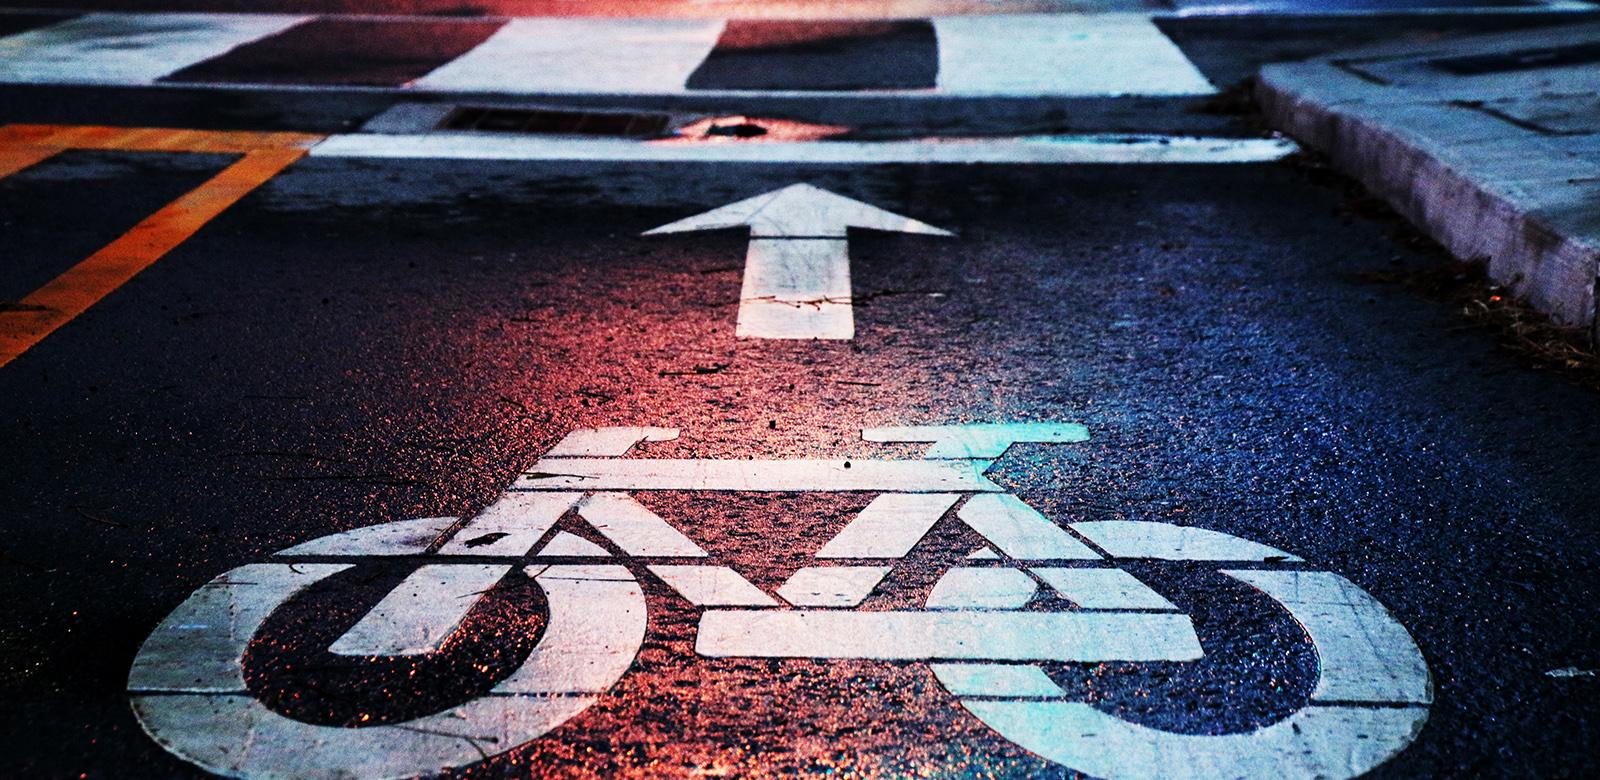 Blackstar Cycling Clothing and Apparel